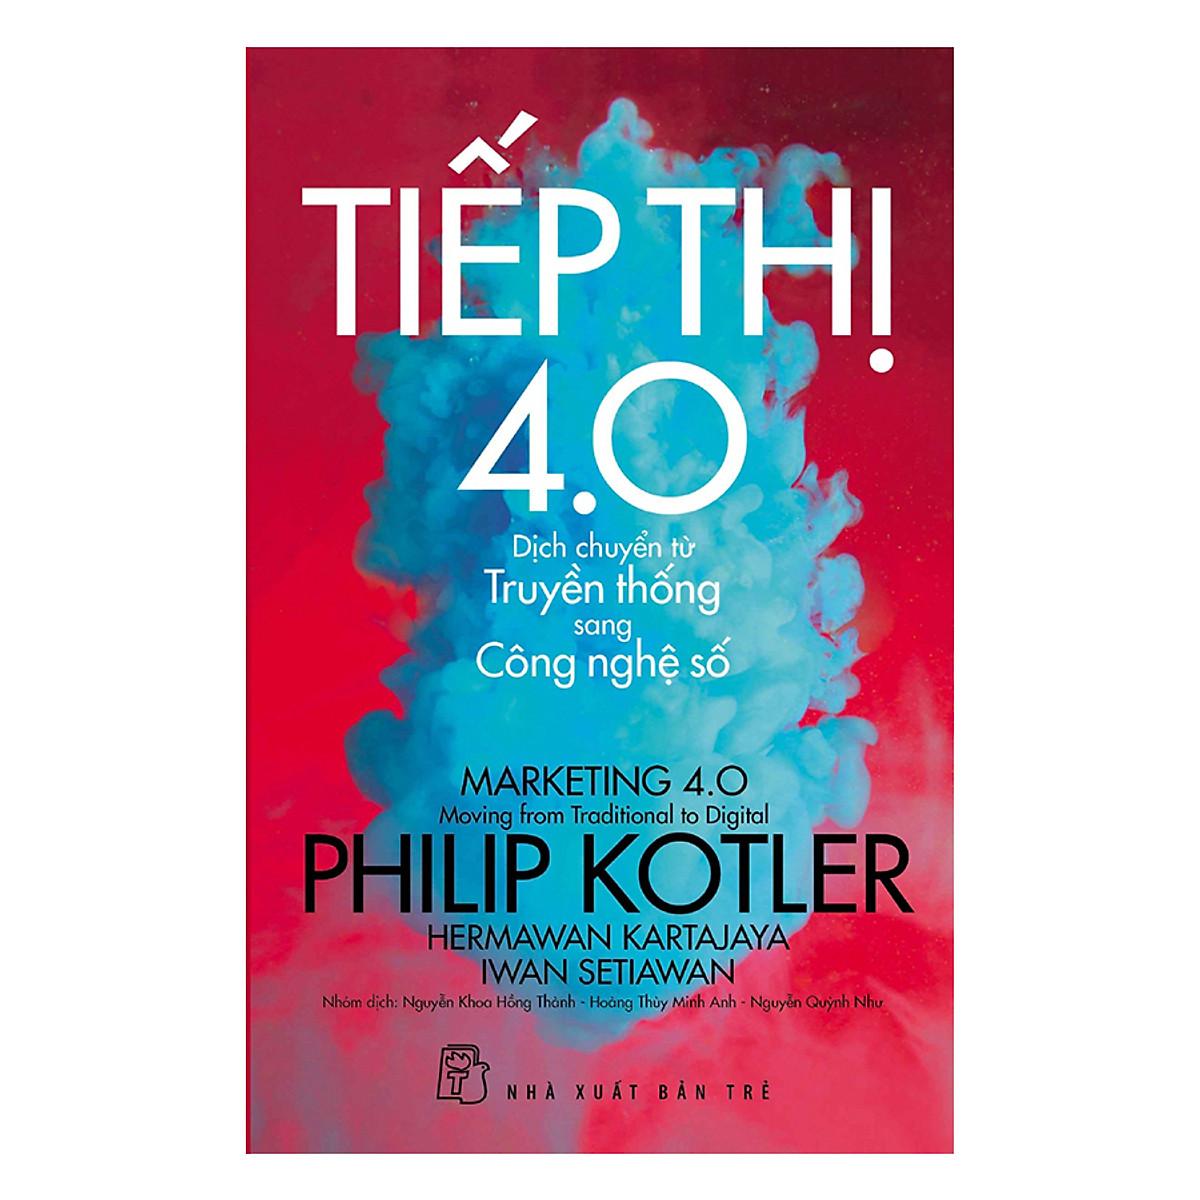 P.Kotler Tiếp thị 4.0 - Dịch Chuyển Từ Truyền Thống Sang Công Nghệ Số |  Tiki.vn